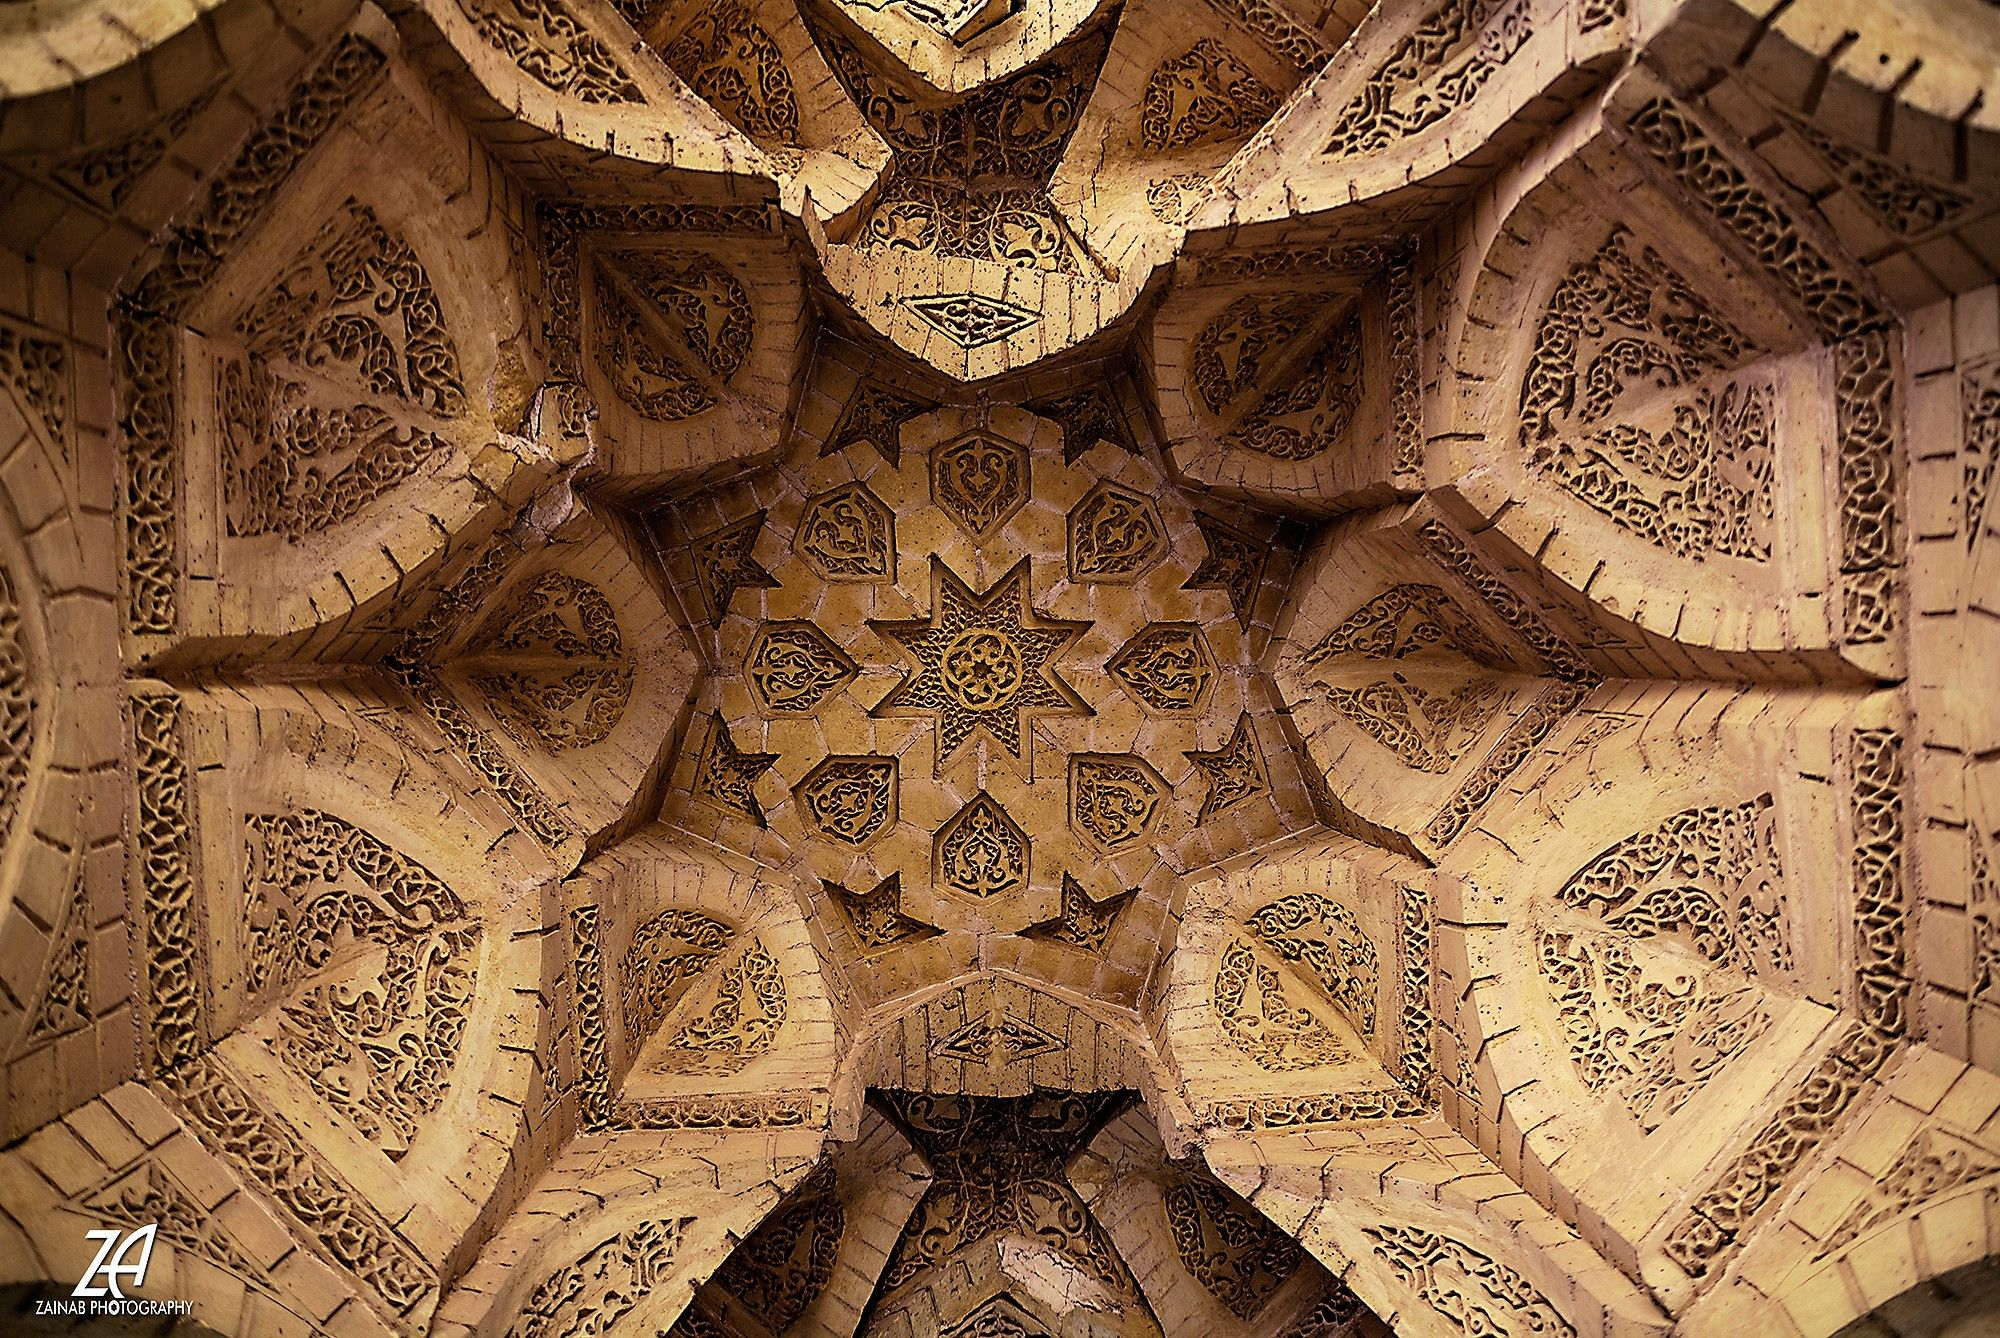 فن العمارة الإسلامية في العصر العباسي بغداد The Islamic Art In The Abbasid Era Baghdad C Zainab Photography تصوير تصوير Quilts Blanket Photography